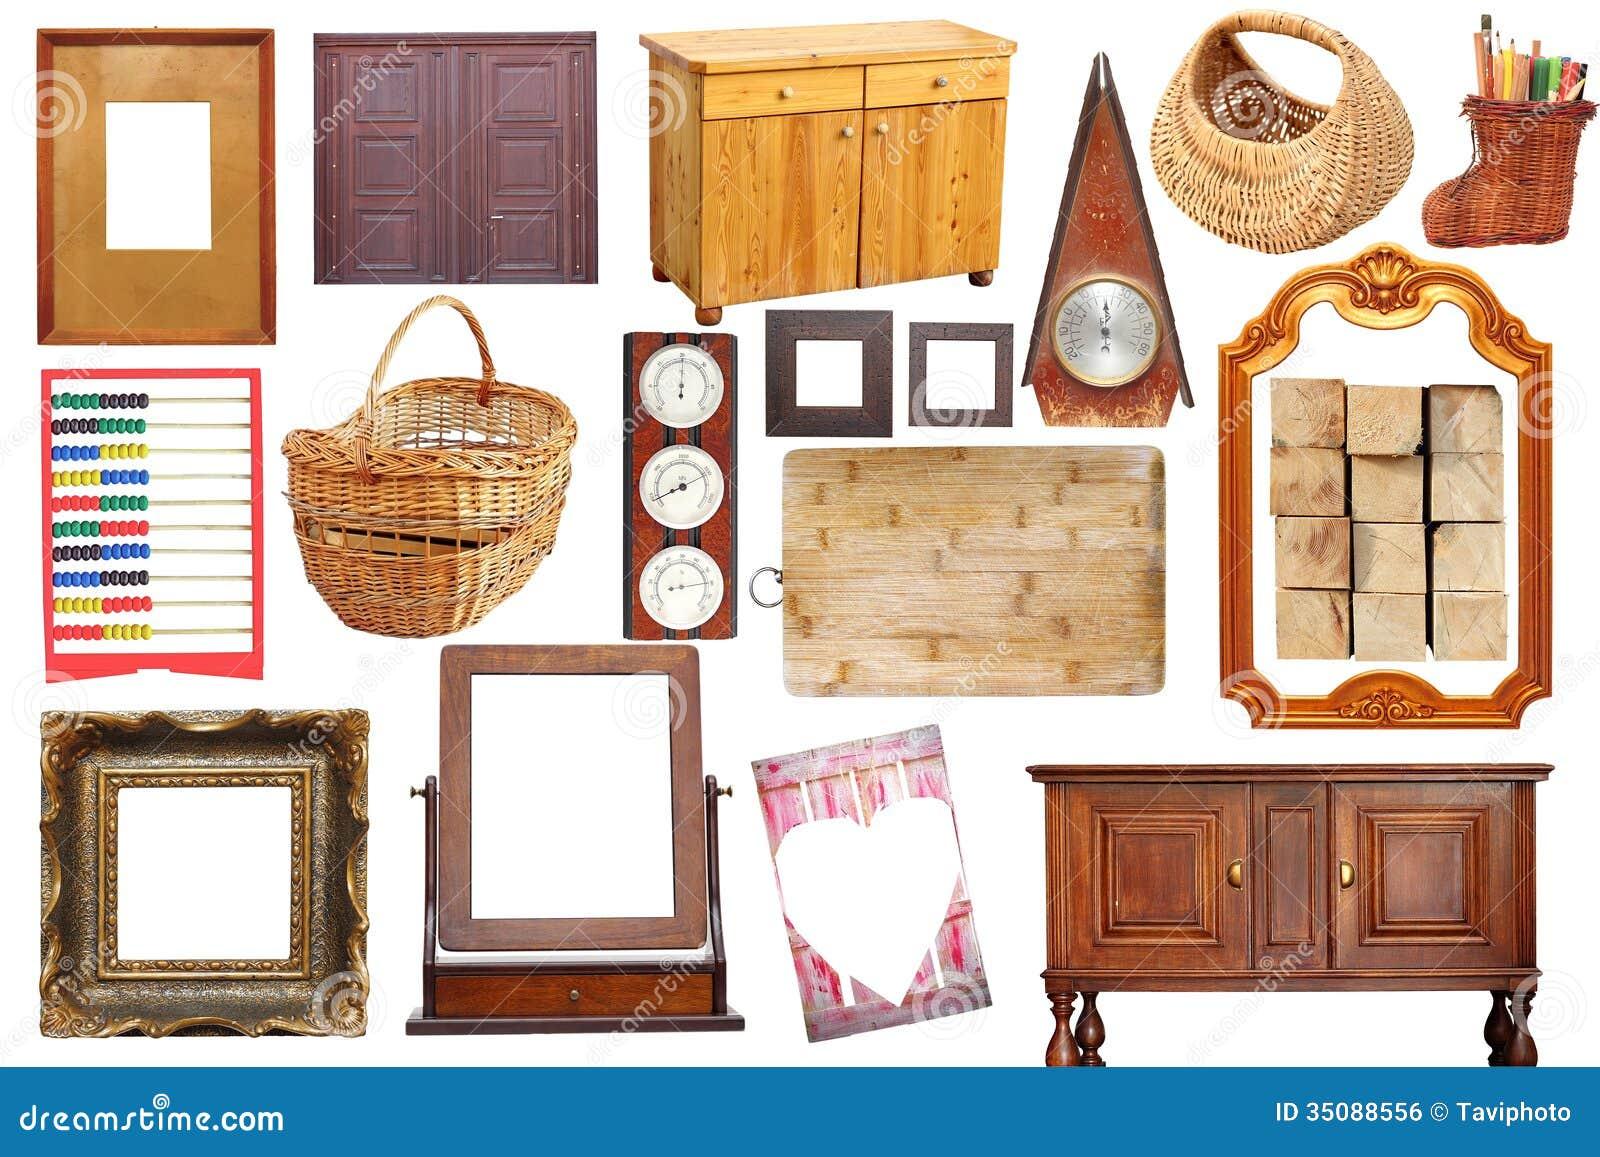 Image Result For Wooden Art Muebles